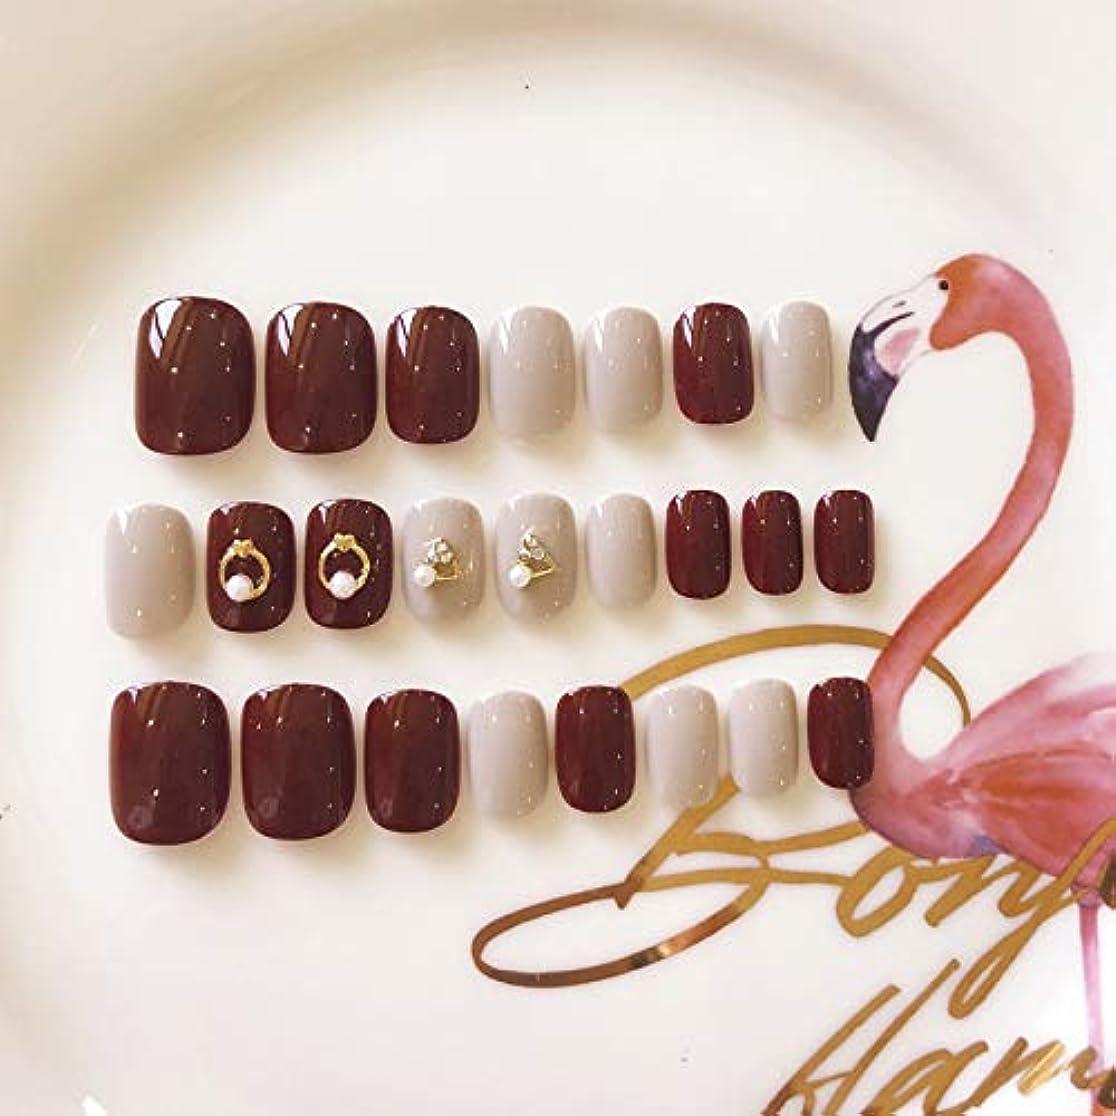 偽装するバンド不振XUANHU HOME 花嫁の結婚式のネイルパッチ赤い偽爪キット24ピース偽爪接着剤フルカバーミディアムの長さ